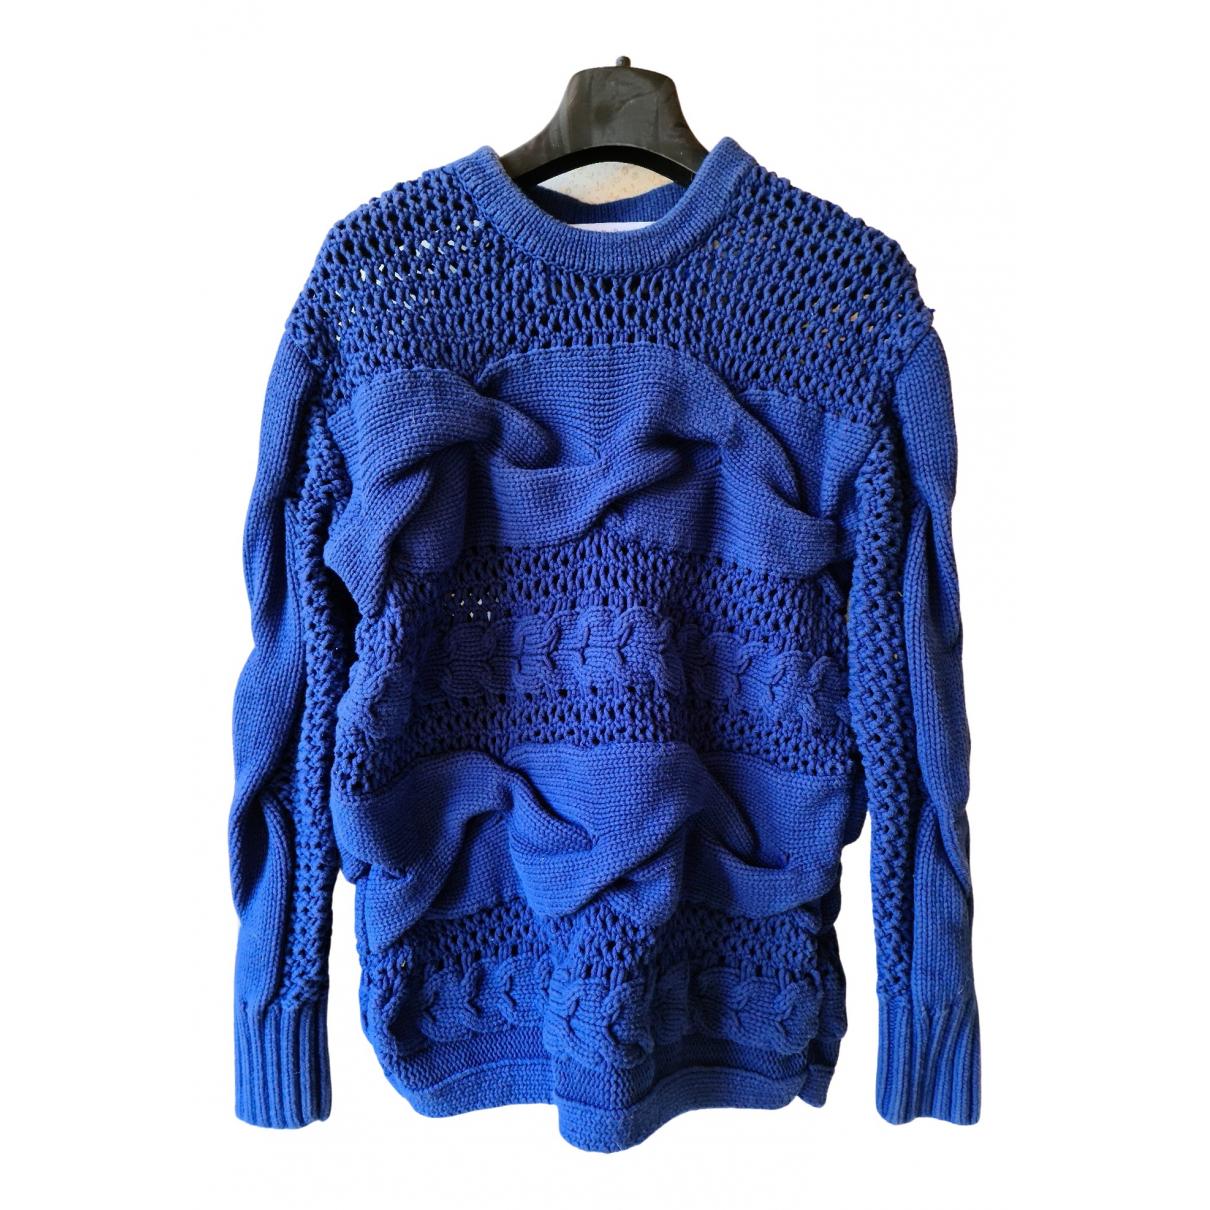 & Other Stories - Pull   pour femme en coton - bleu